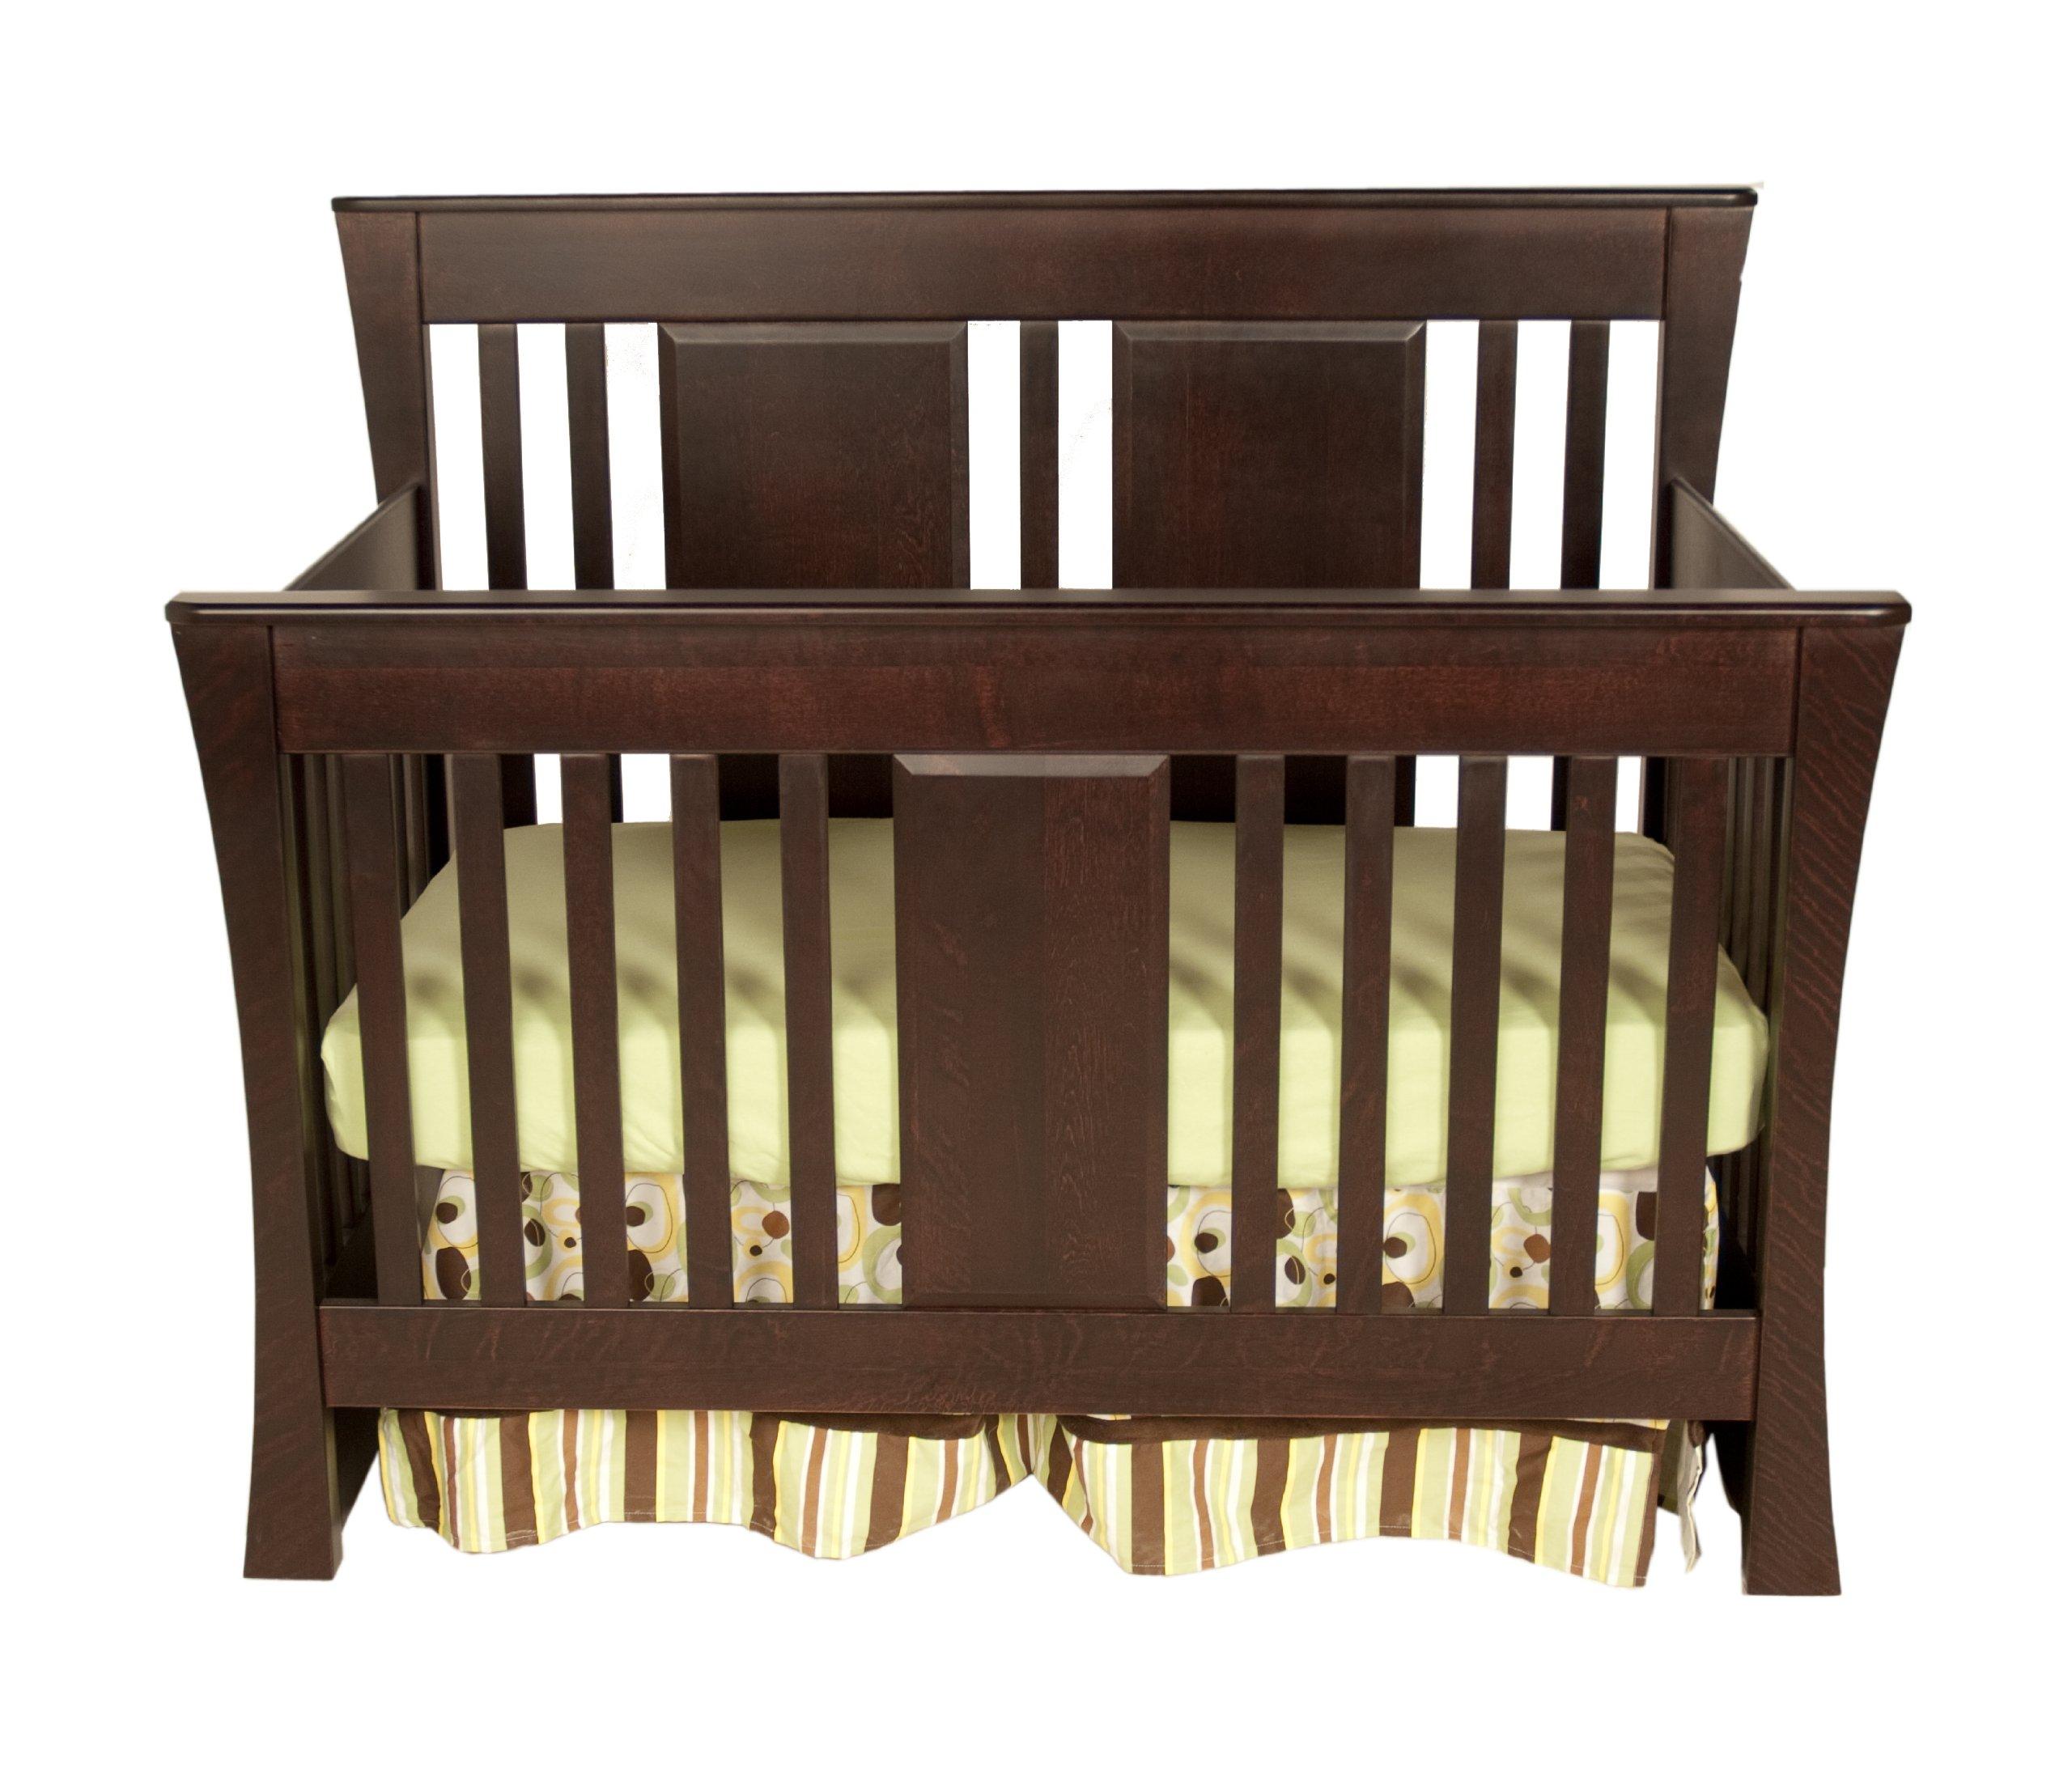 Offspring Kenora Convertible Crib, Vintage